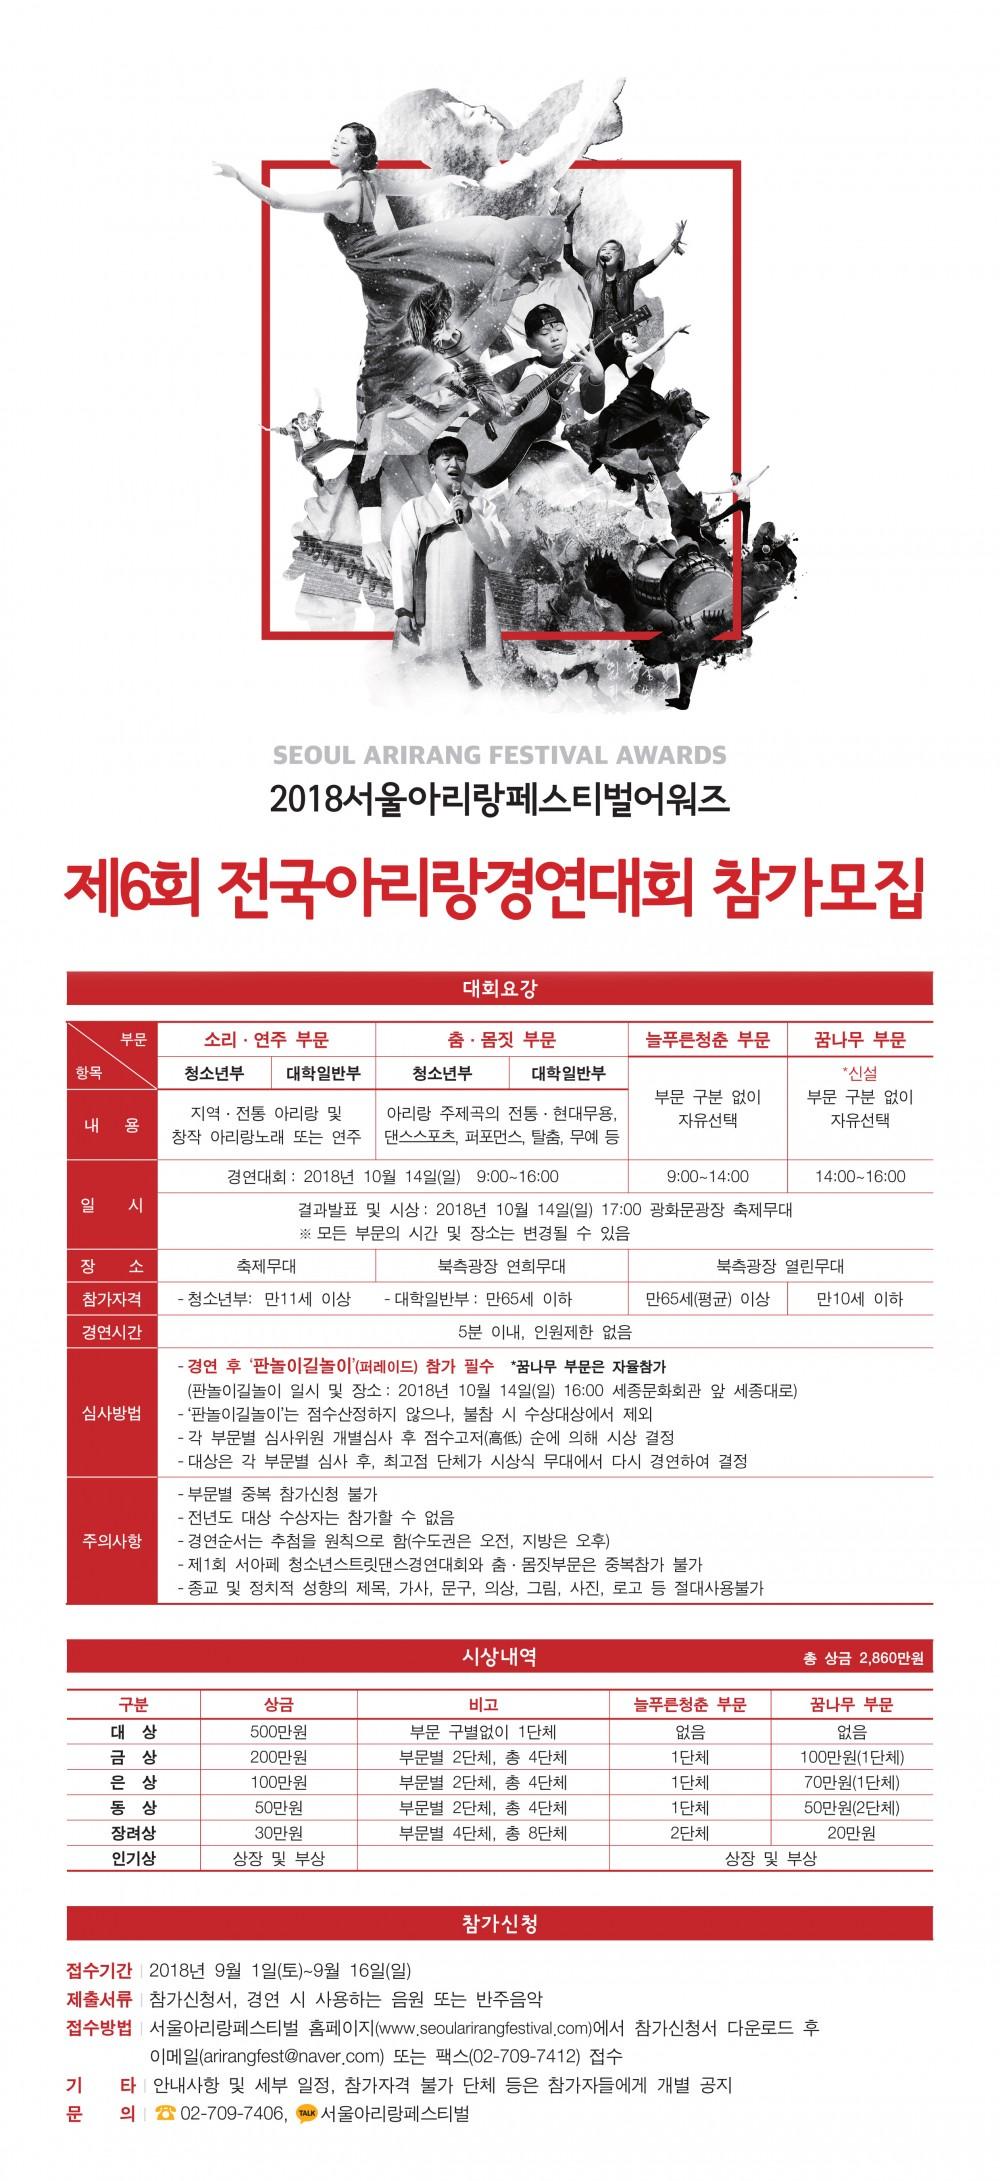 2018서아페 제6회 전국아리랑경연대회 참가모집.jpg